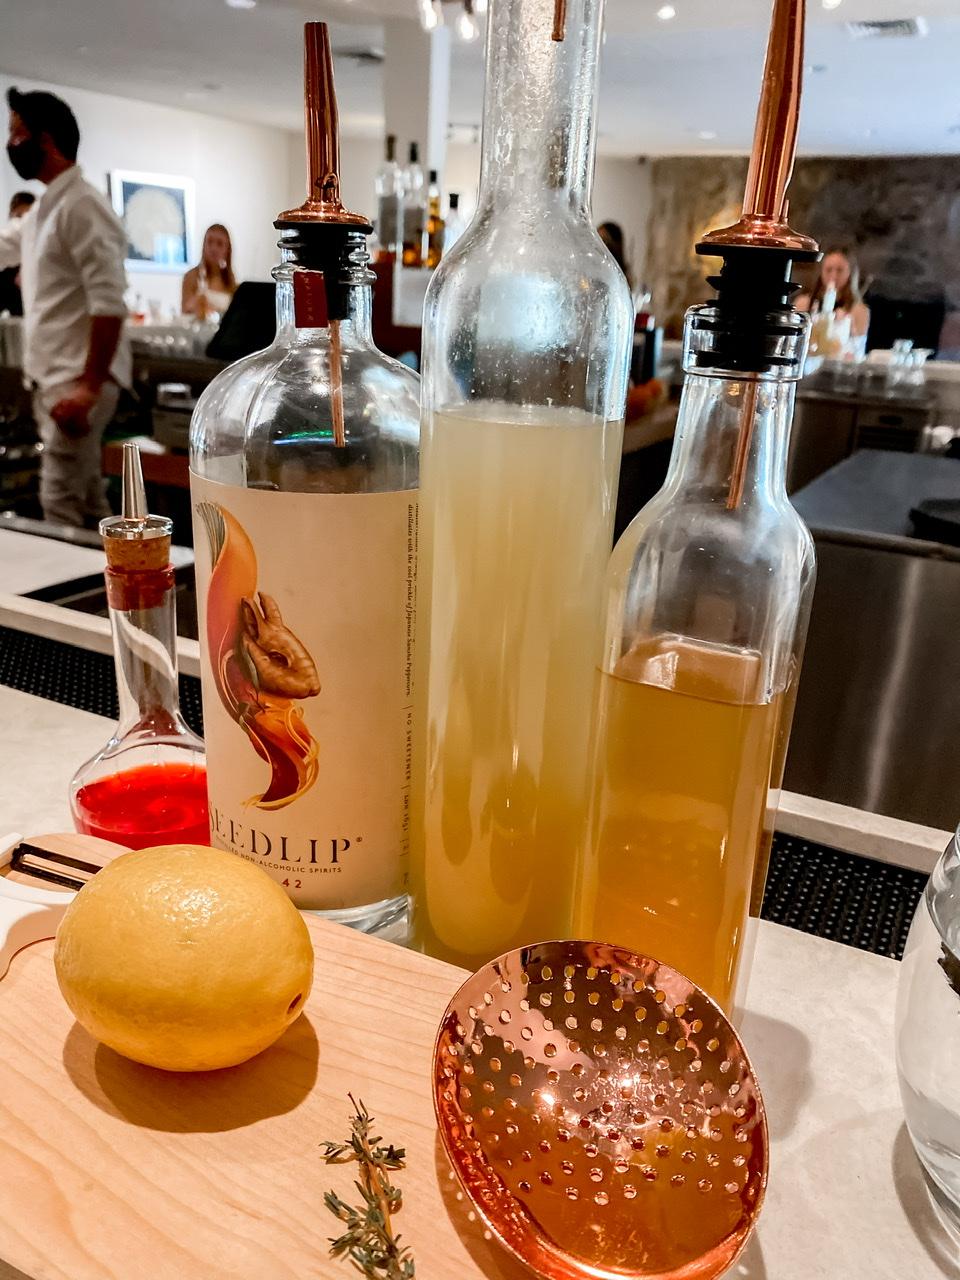 Making a healthy mocktail full of Seedlip gin , lemon and honey